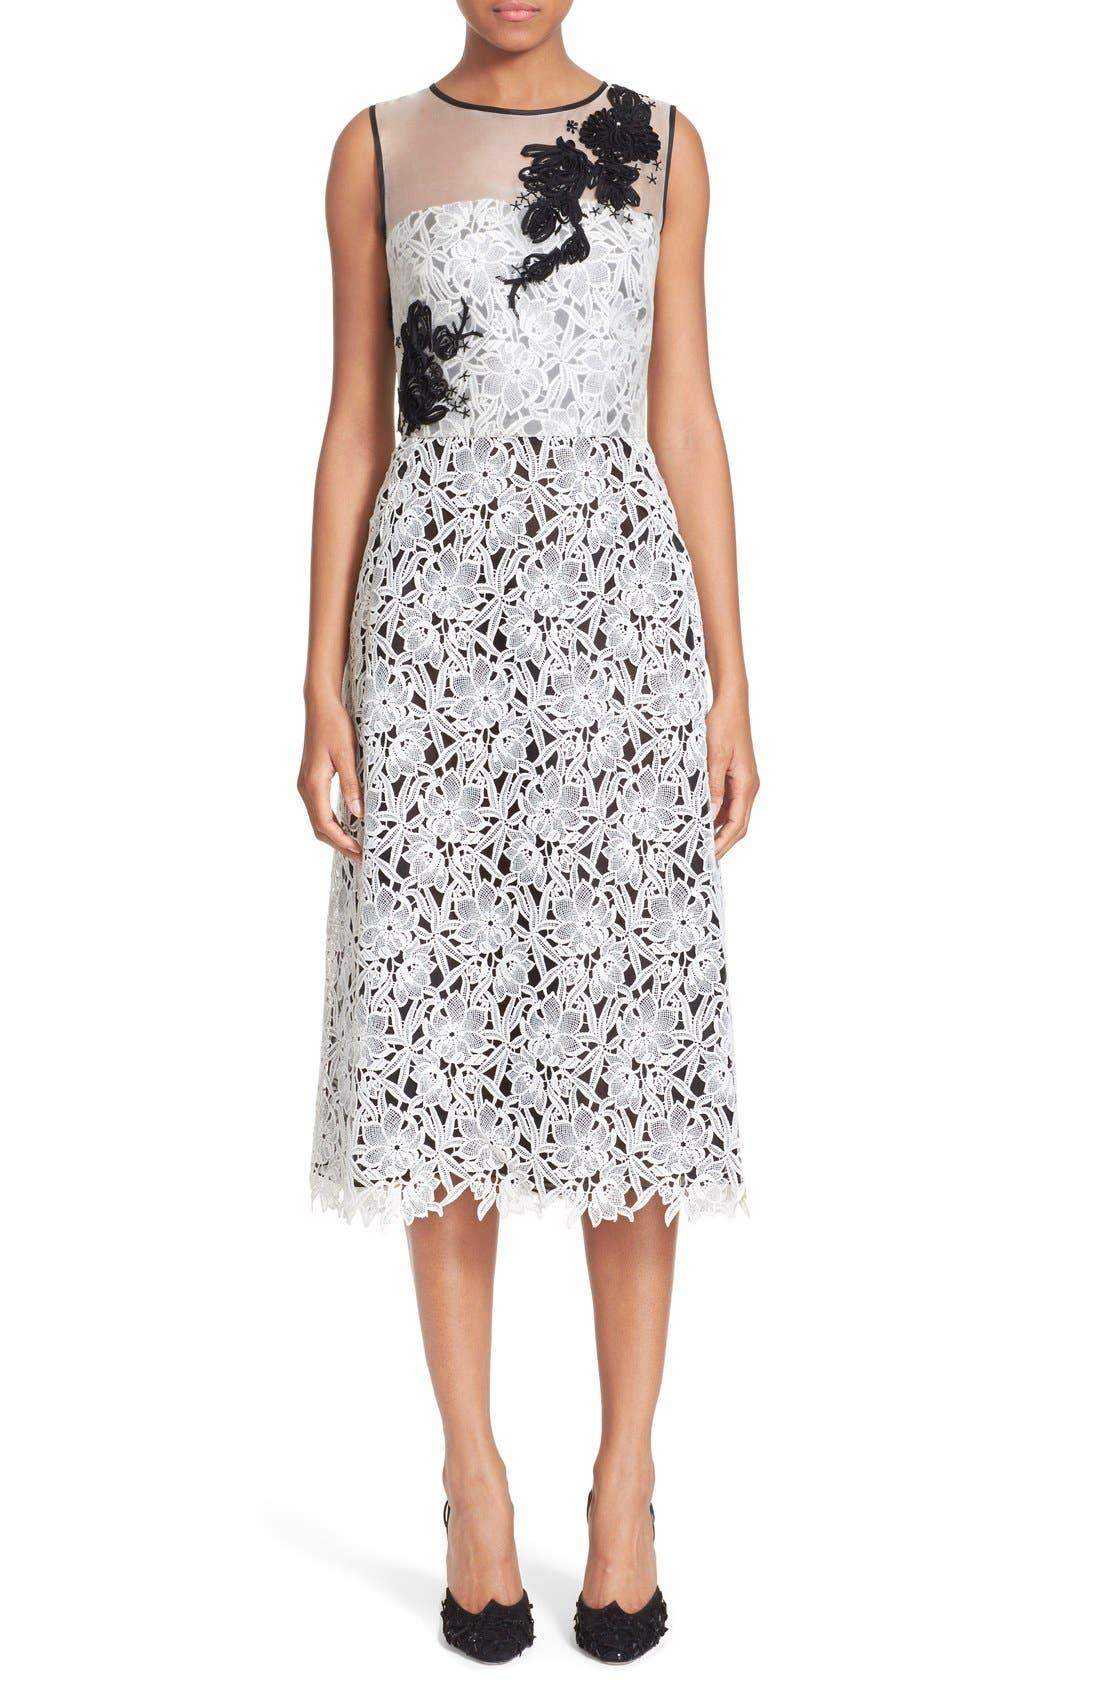 Alternate Image 1 Selected - Oscar de la Renta Embellished Floral Lace Dress